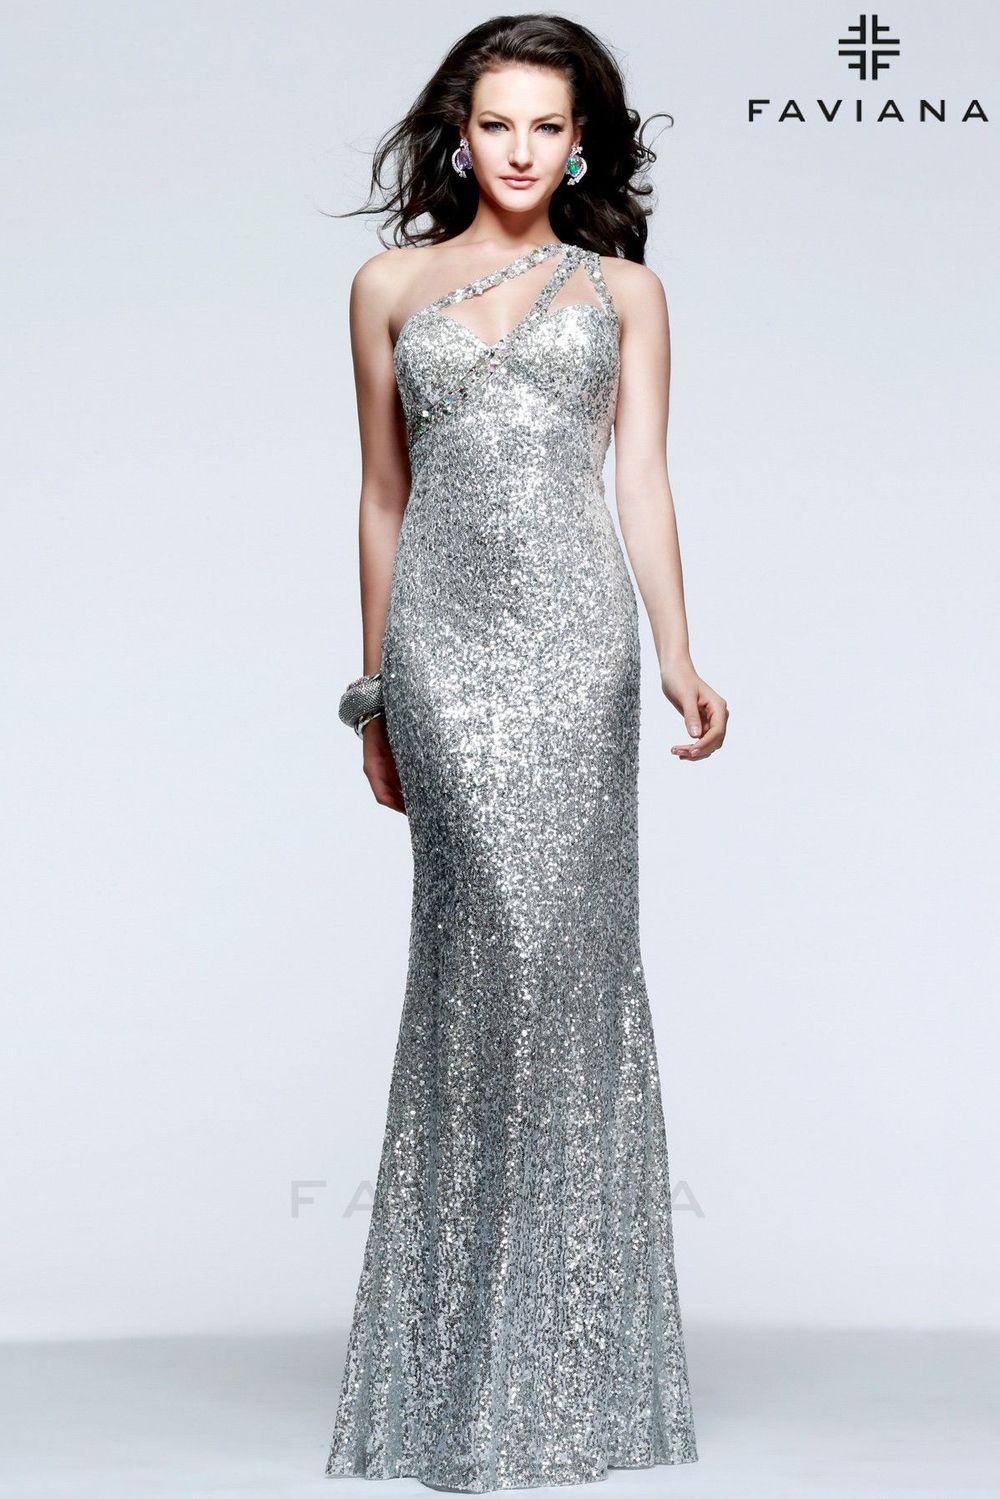 7532-light-silver-sequin-evening-gowns.jpg